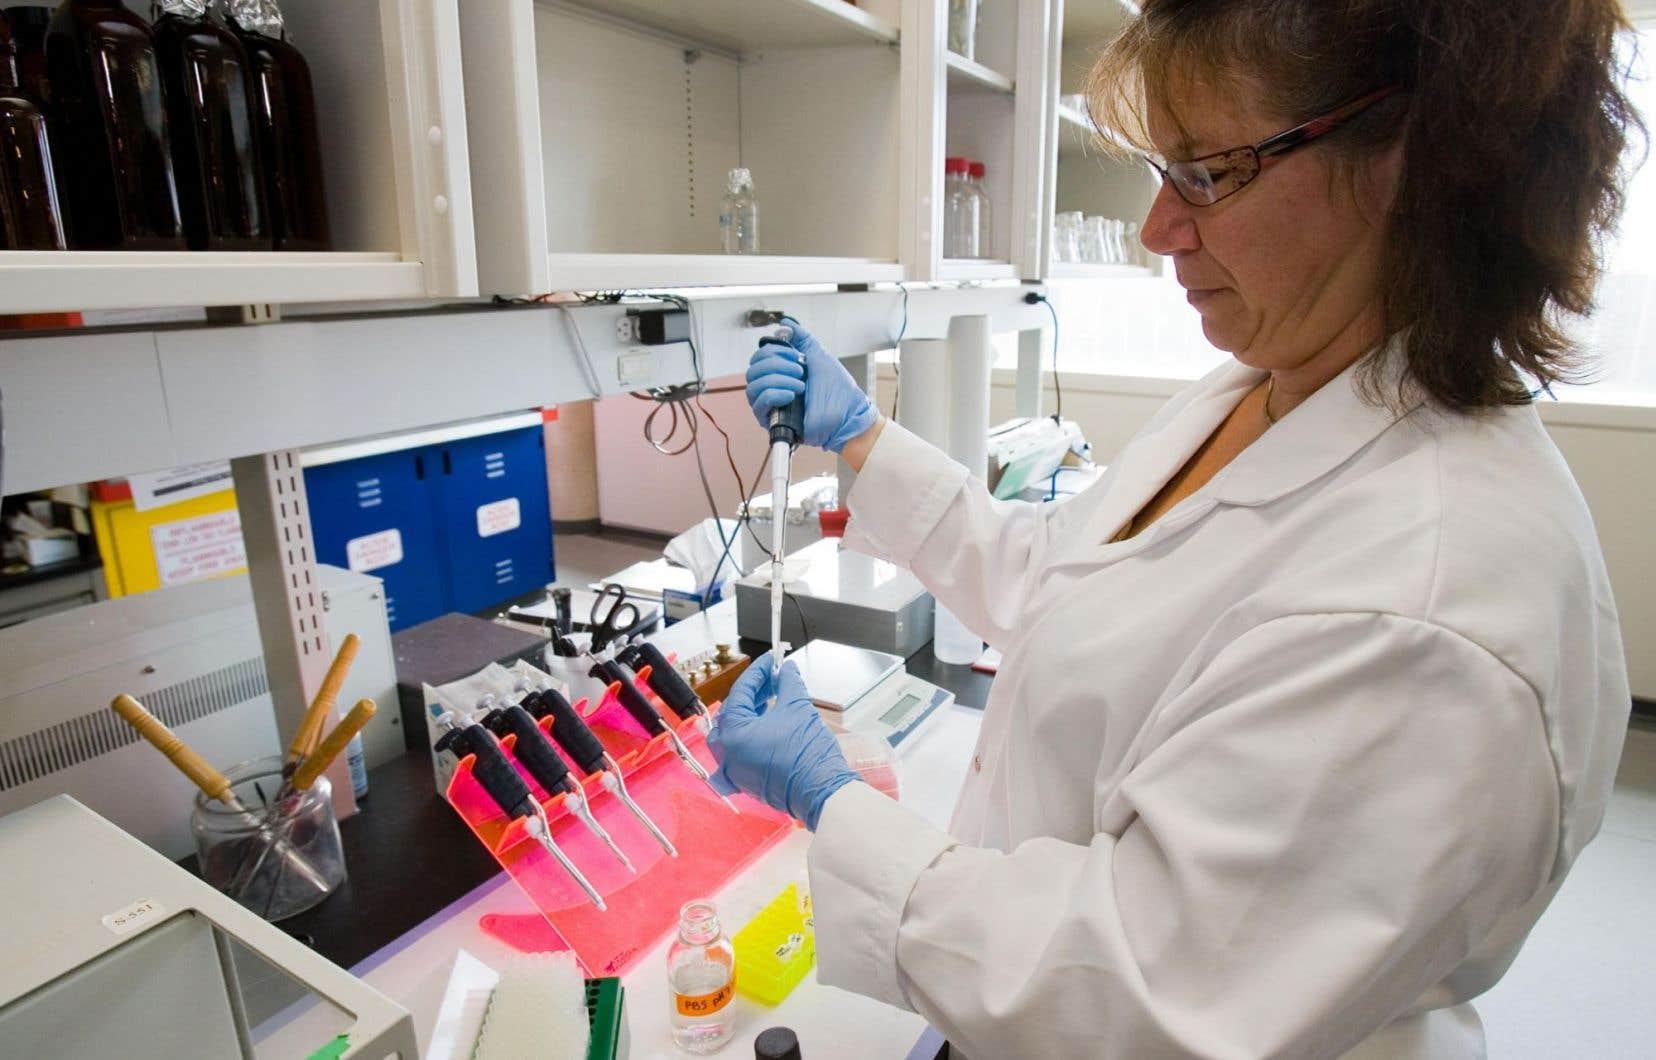 La recherche semble perçue comme une dépense et non comme un investissement pour la société.